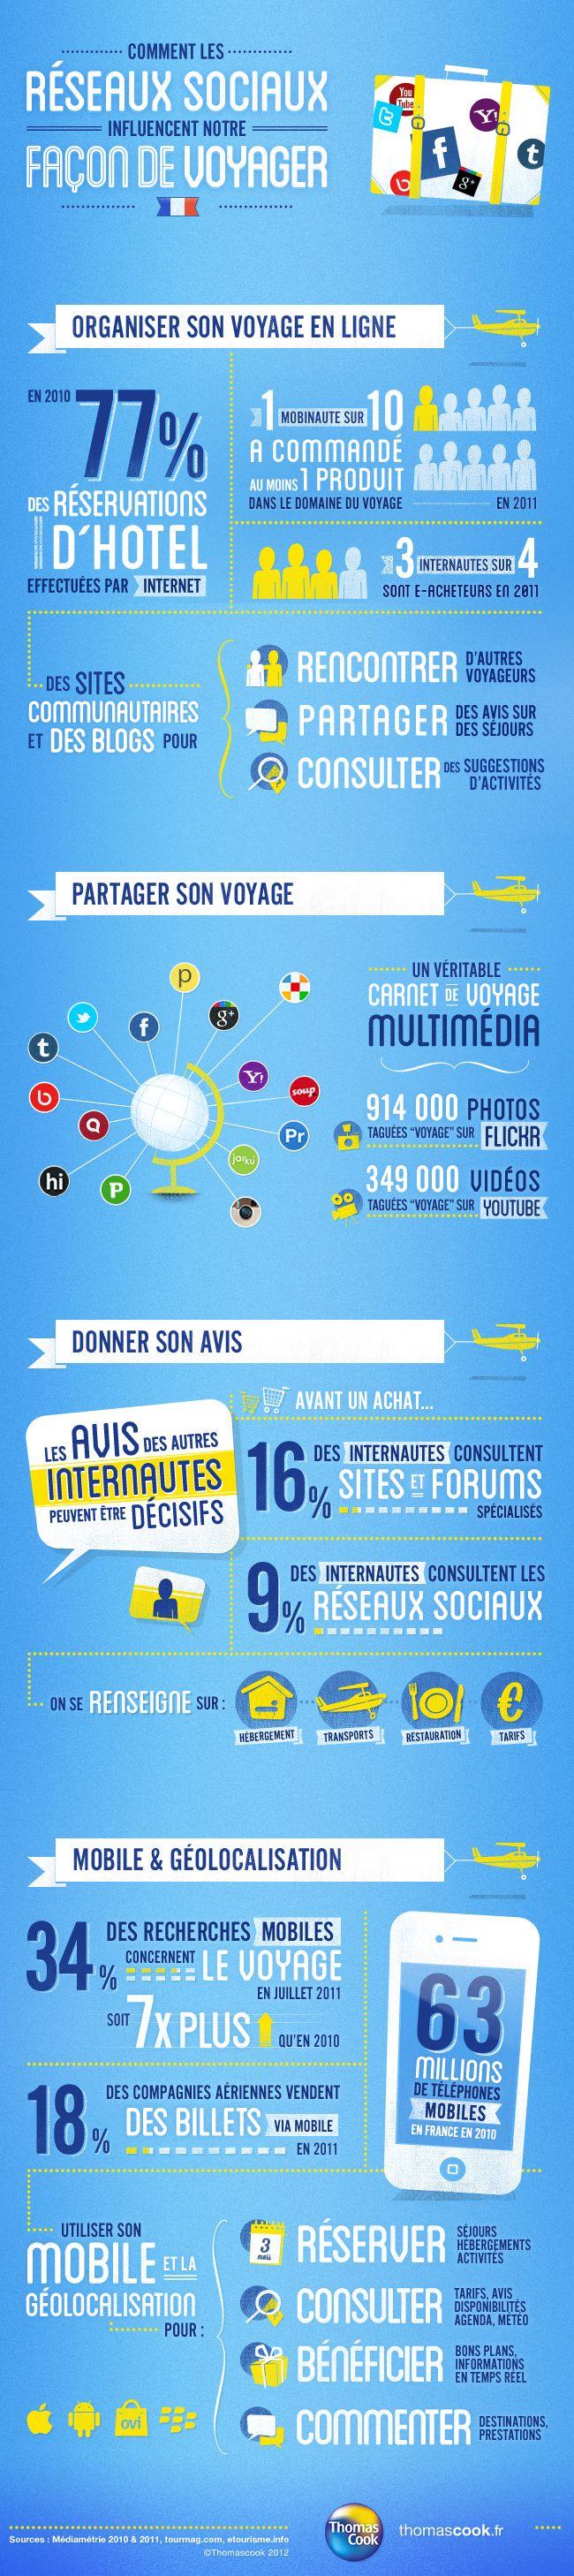 Comment les réseaux sociaux influencent notre façon de voyager